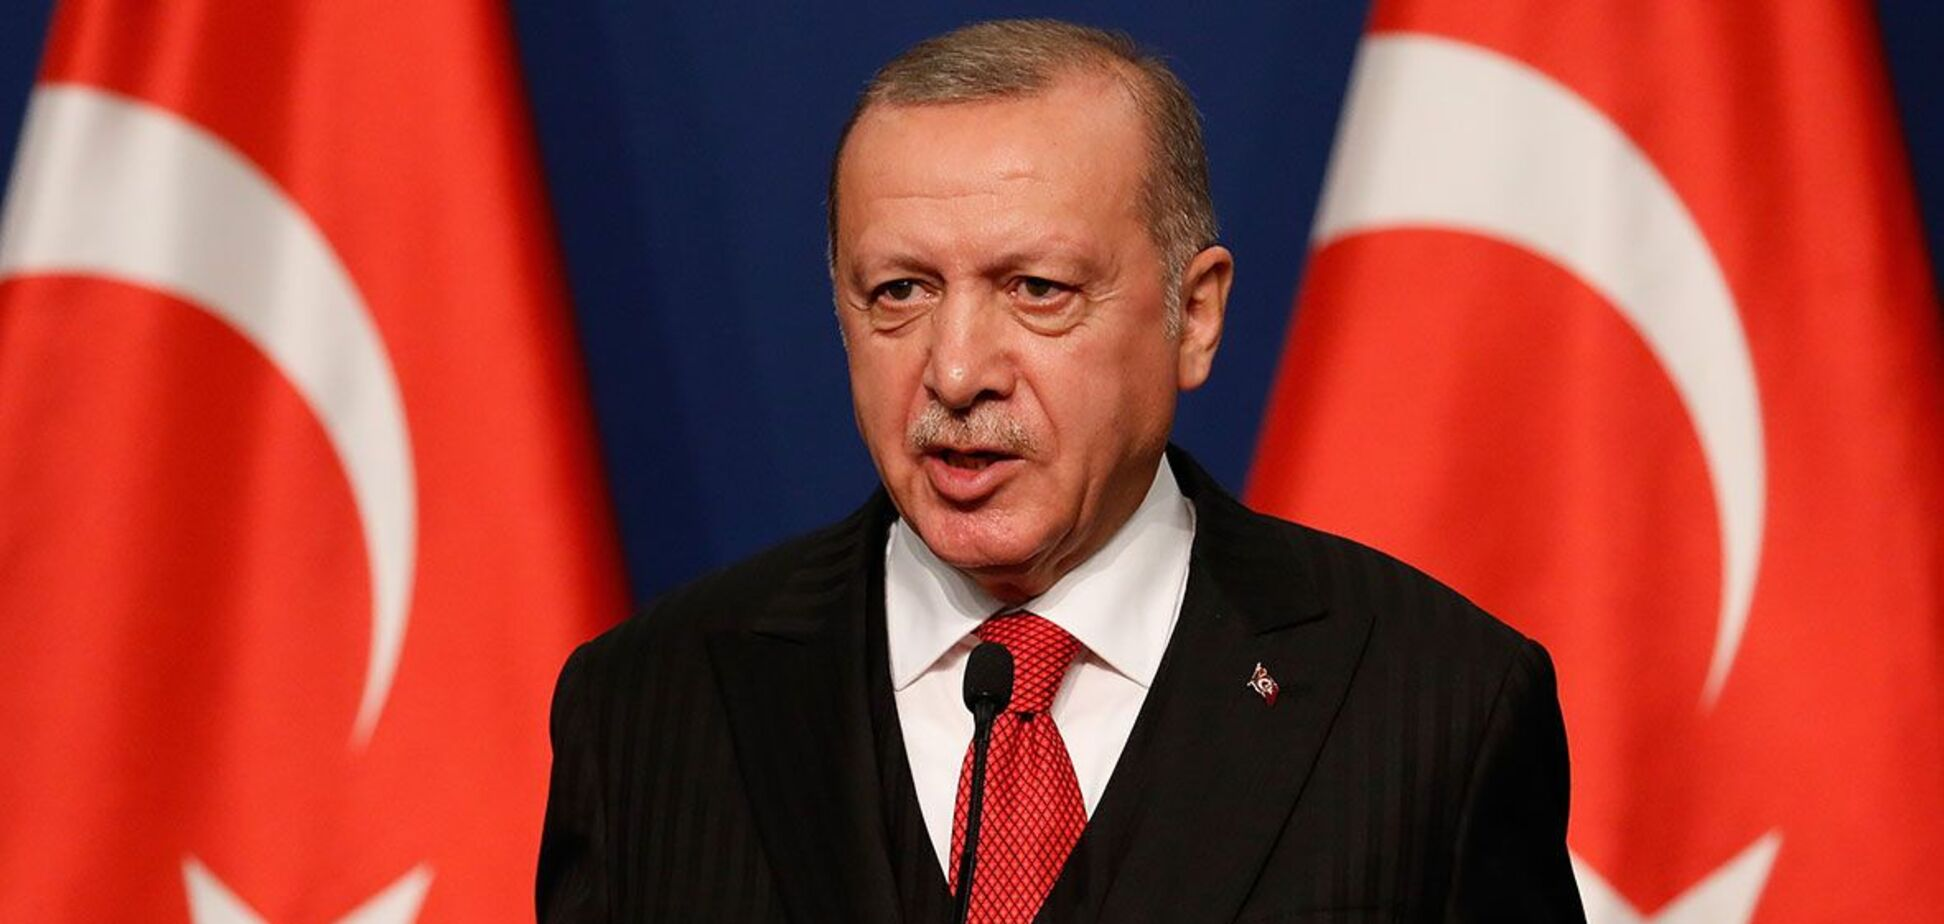 Ердоган назвав Ізраїль 'терористичною державою' і зажадав дій від Радбезу ООН